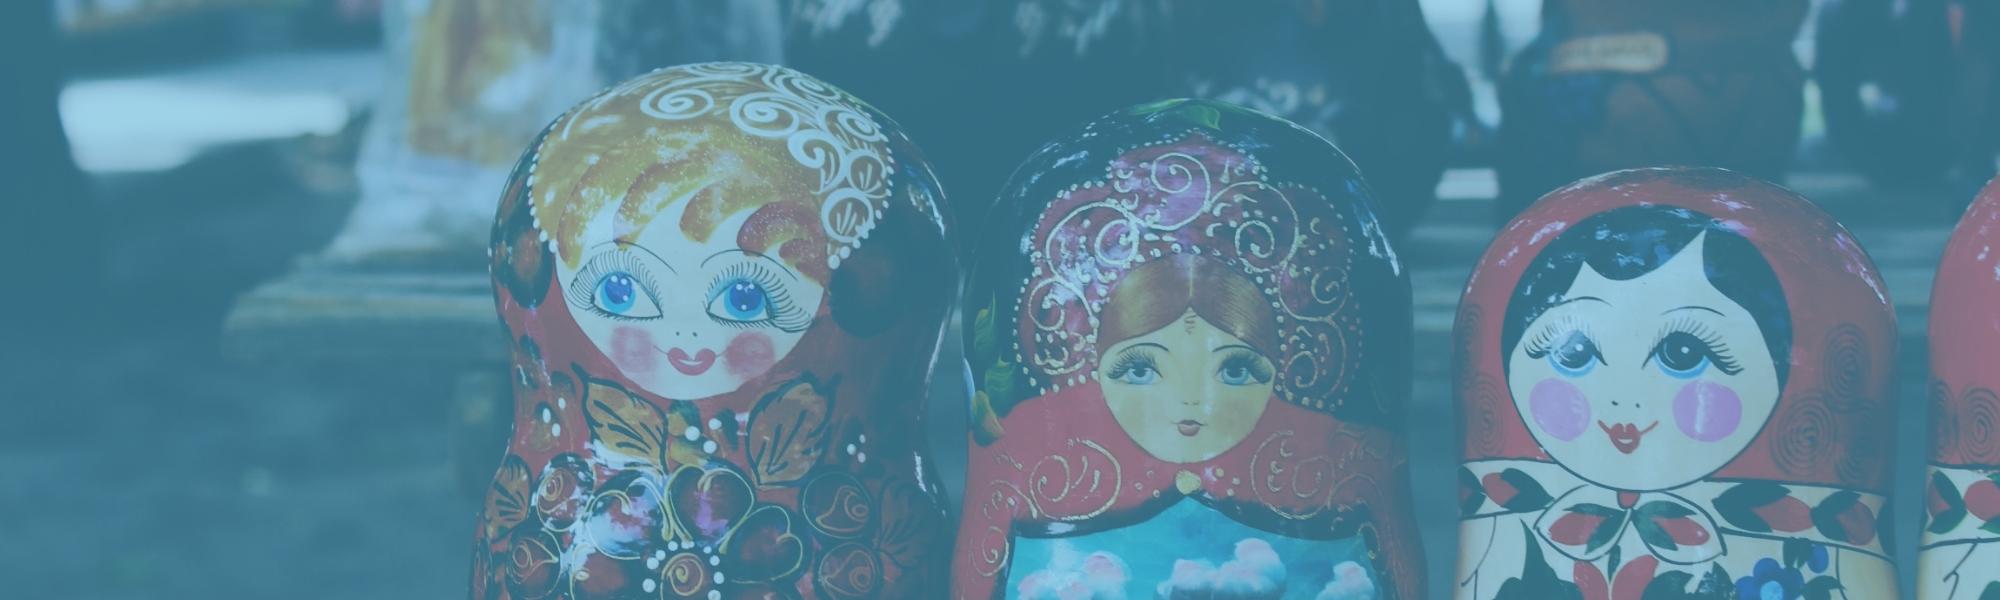 Preparativos necesarios para viajar a Rusia con niños